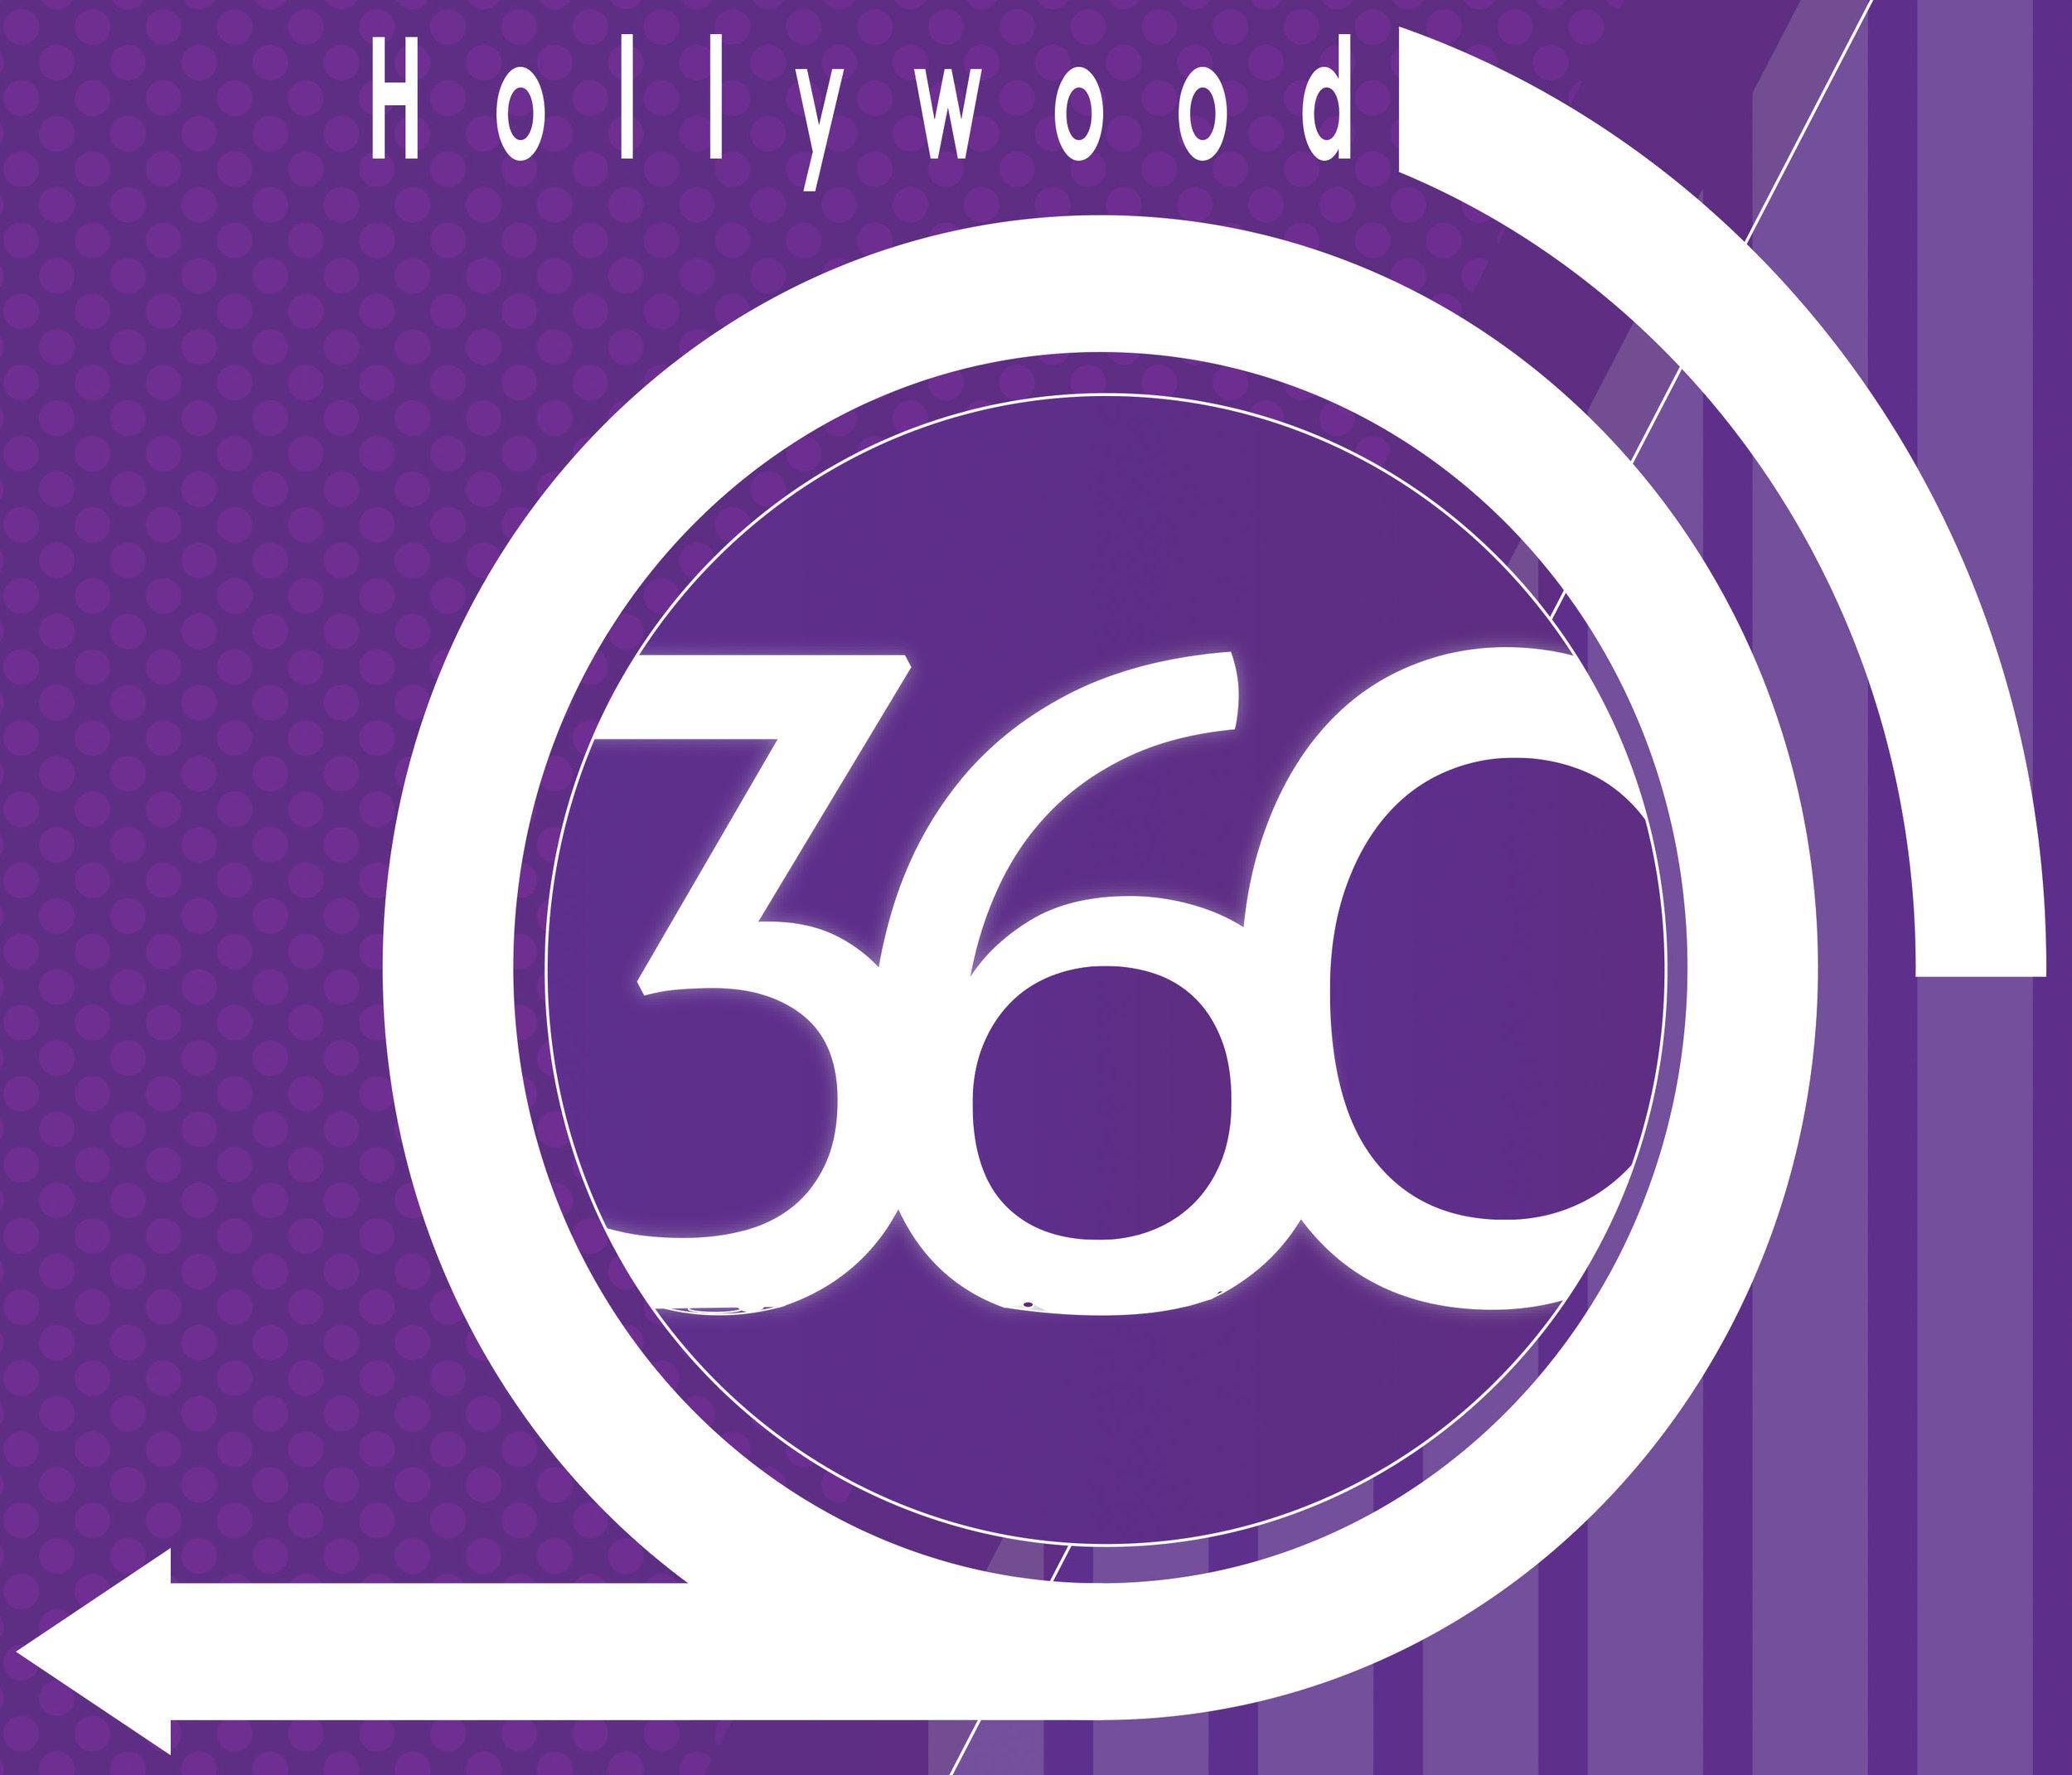 hollywood360.jpg